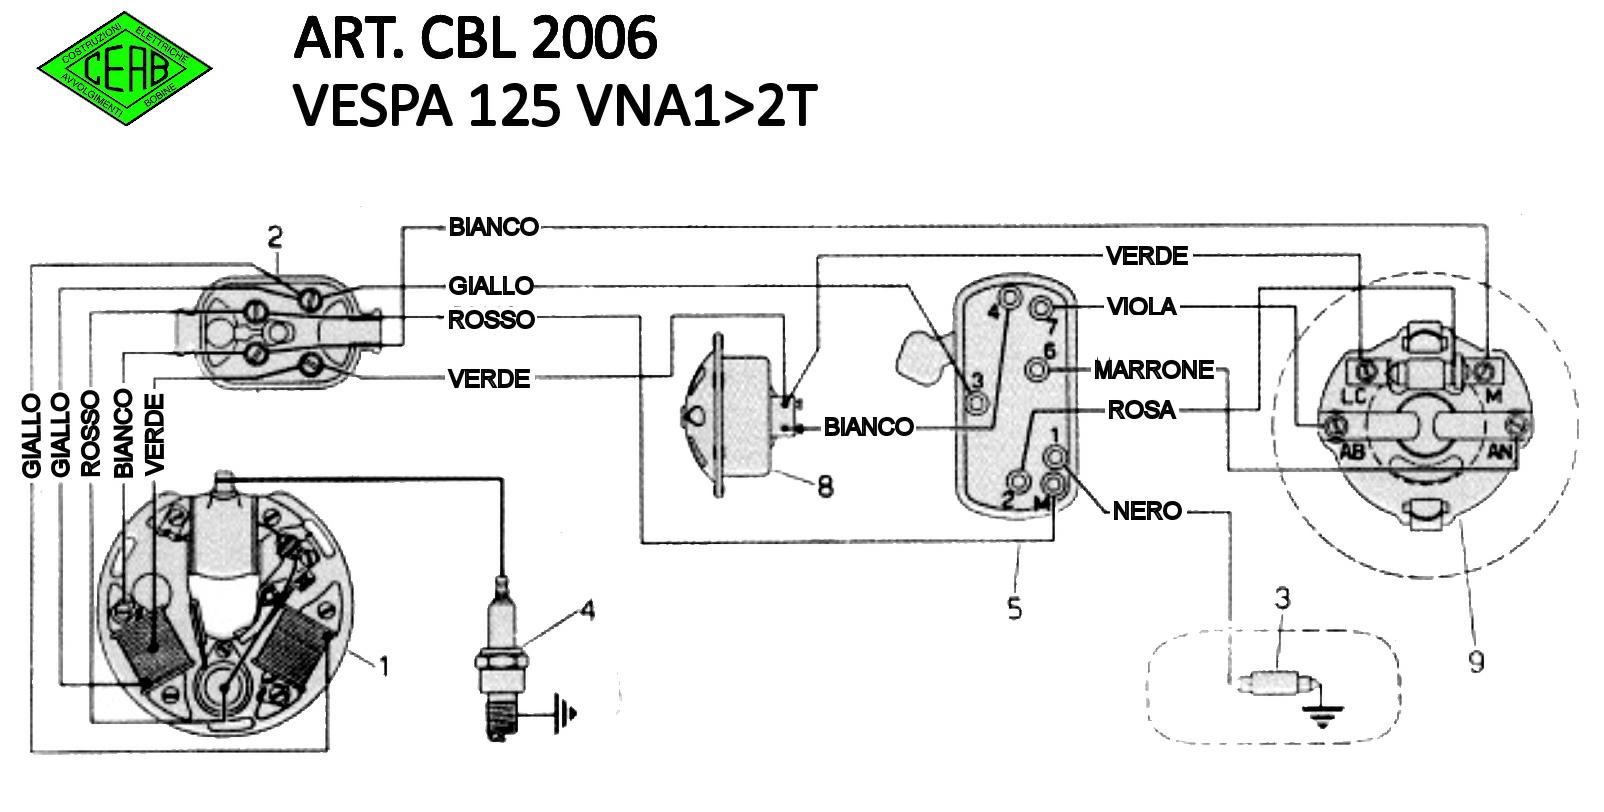 Schema Elettrico Vespa Et3 : Impianto elettrico vespa vna problema elaborazioni e